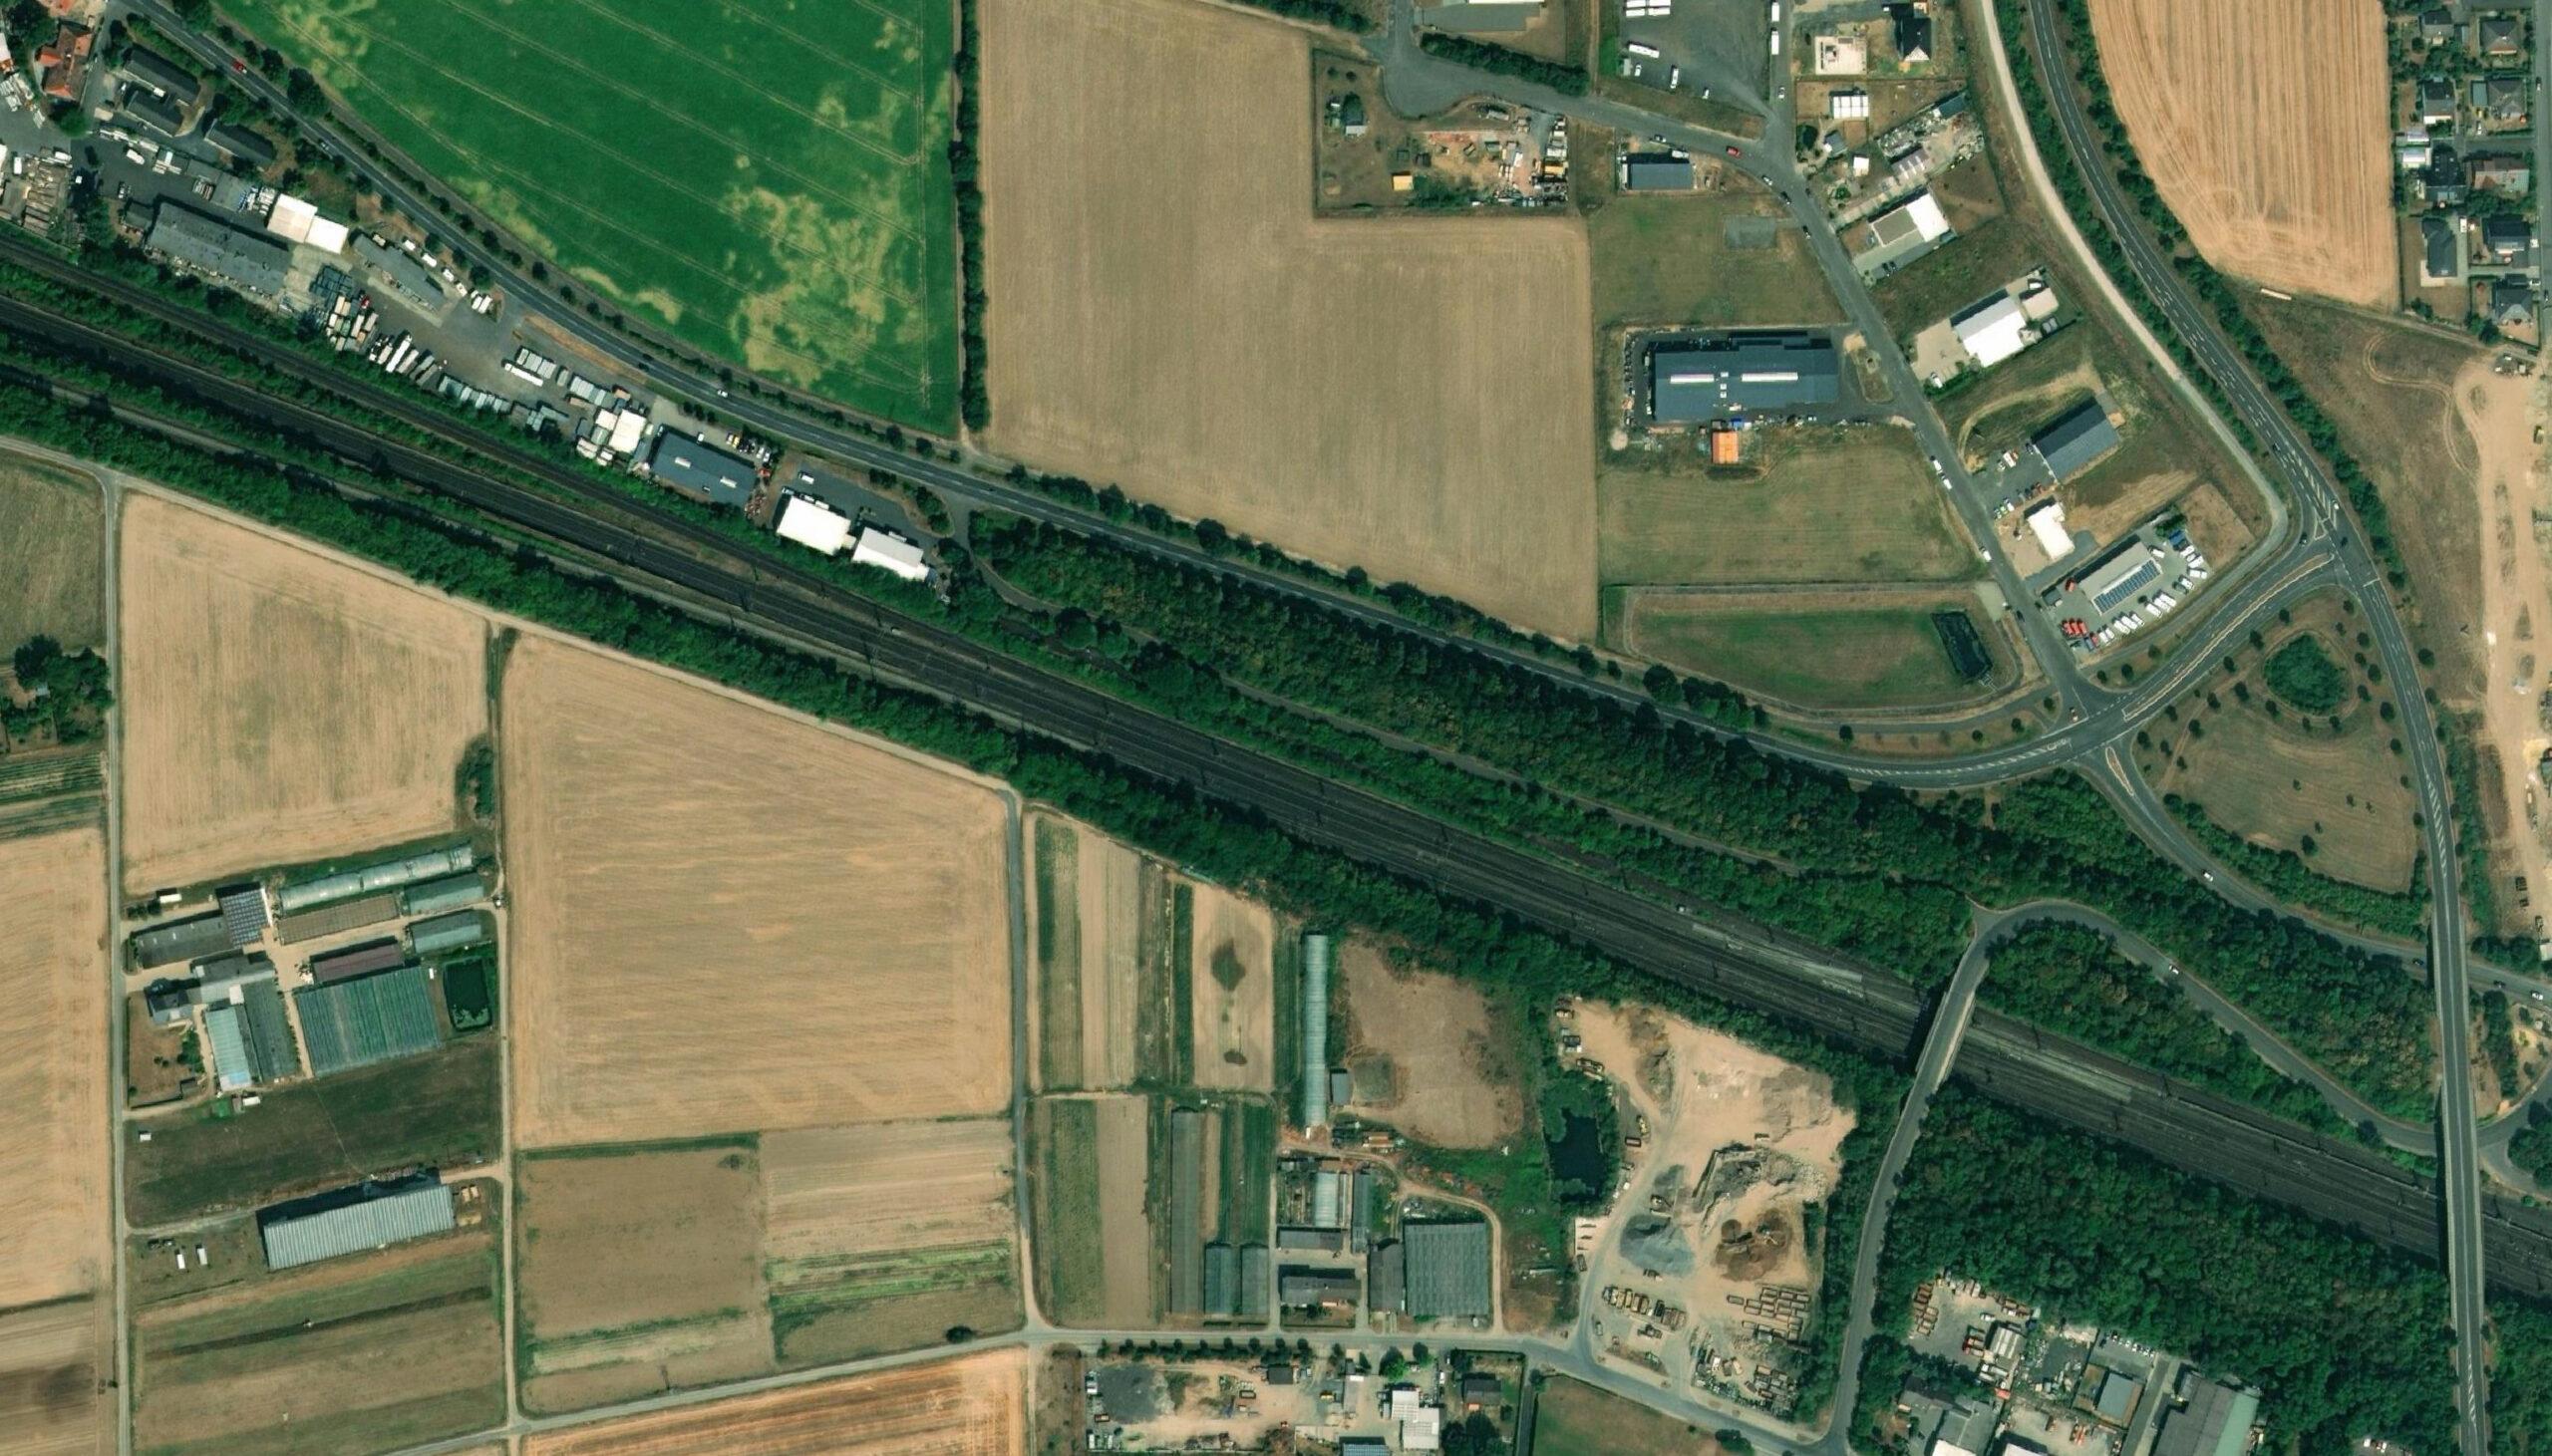 Deutsche Bahn and LiveEO vegetation management